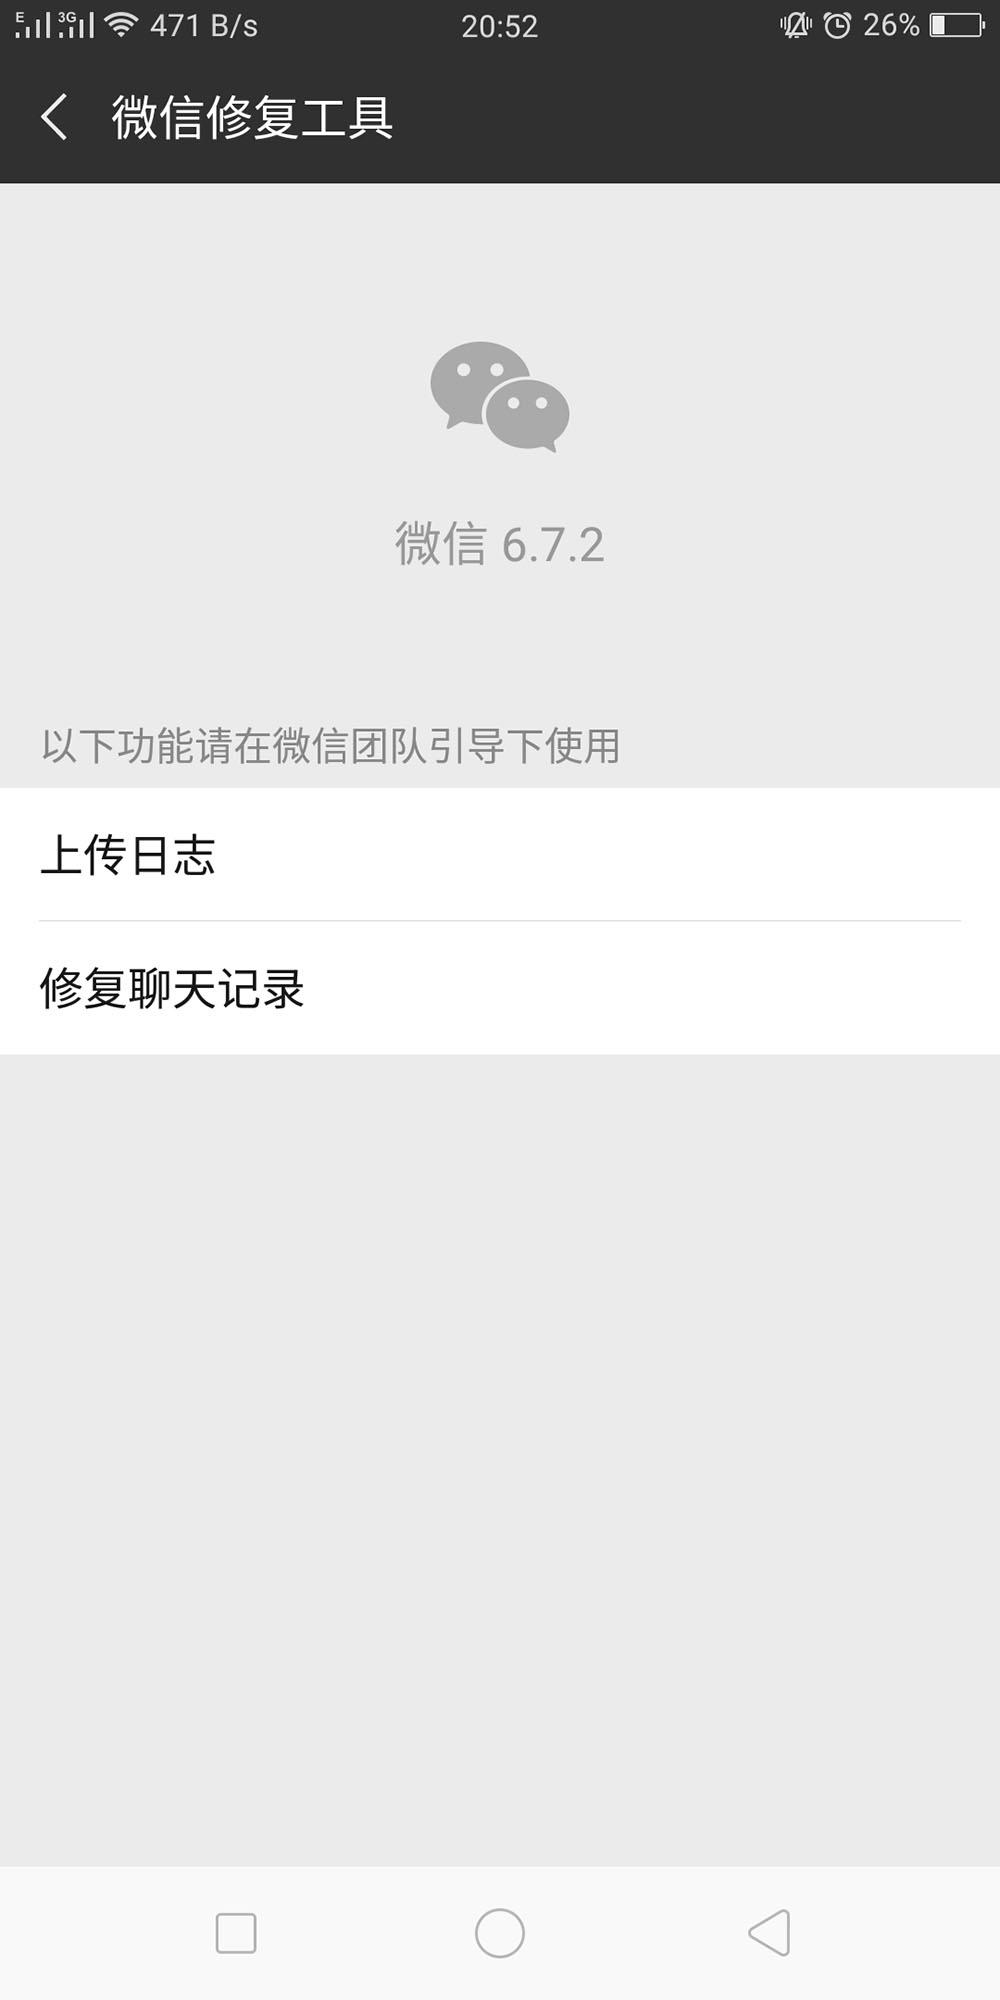 【实测】微信版本6.7.2(最新版本)如何进行聊天记录修复